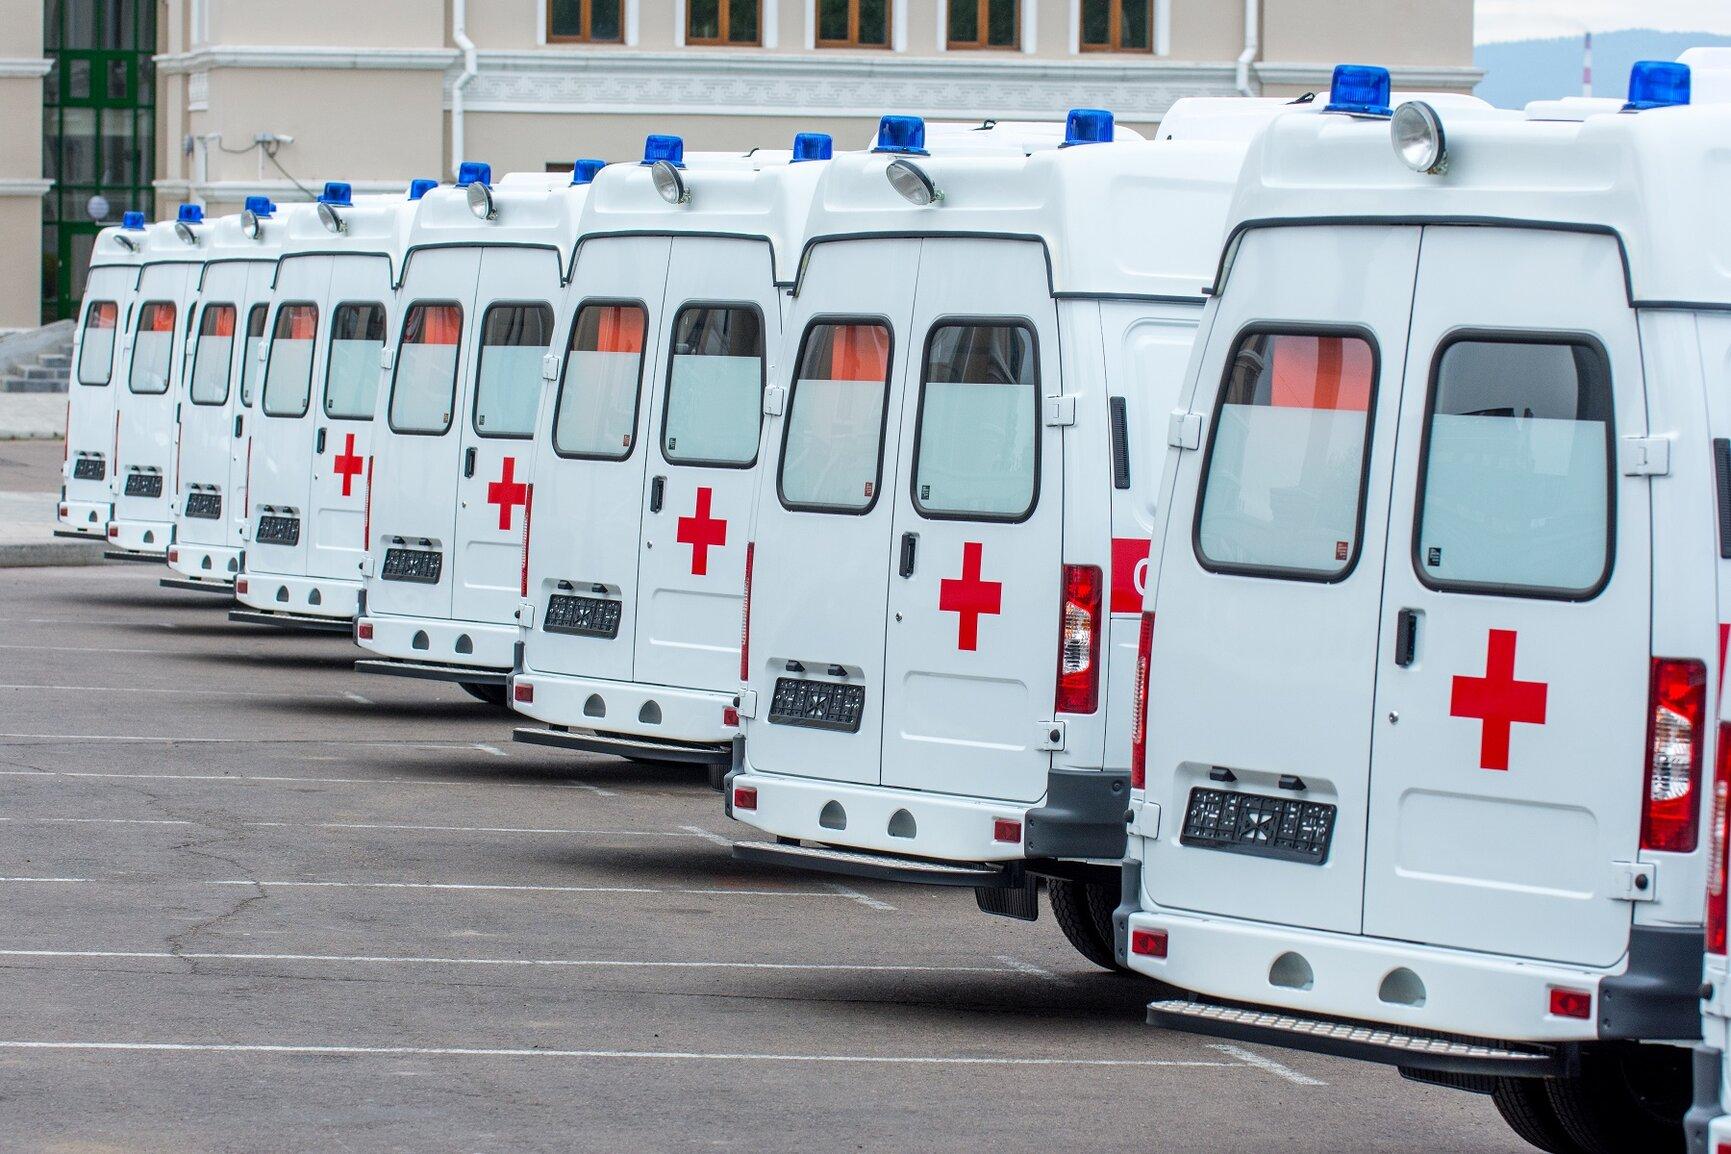 Челябинский горздрав разместил аукцион на покупку внедорожника за 2,1 млн рублей для «скорой»